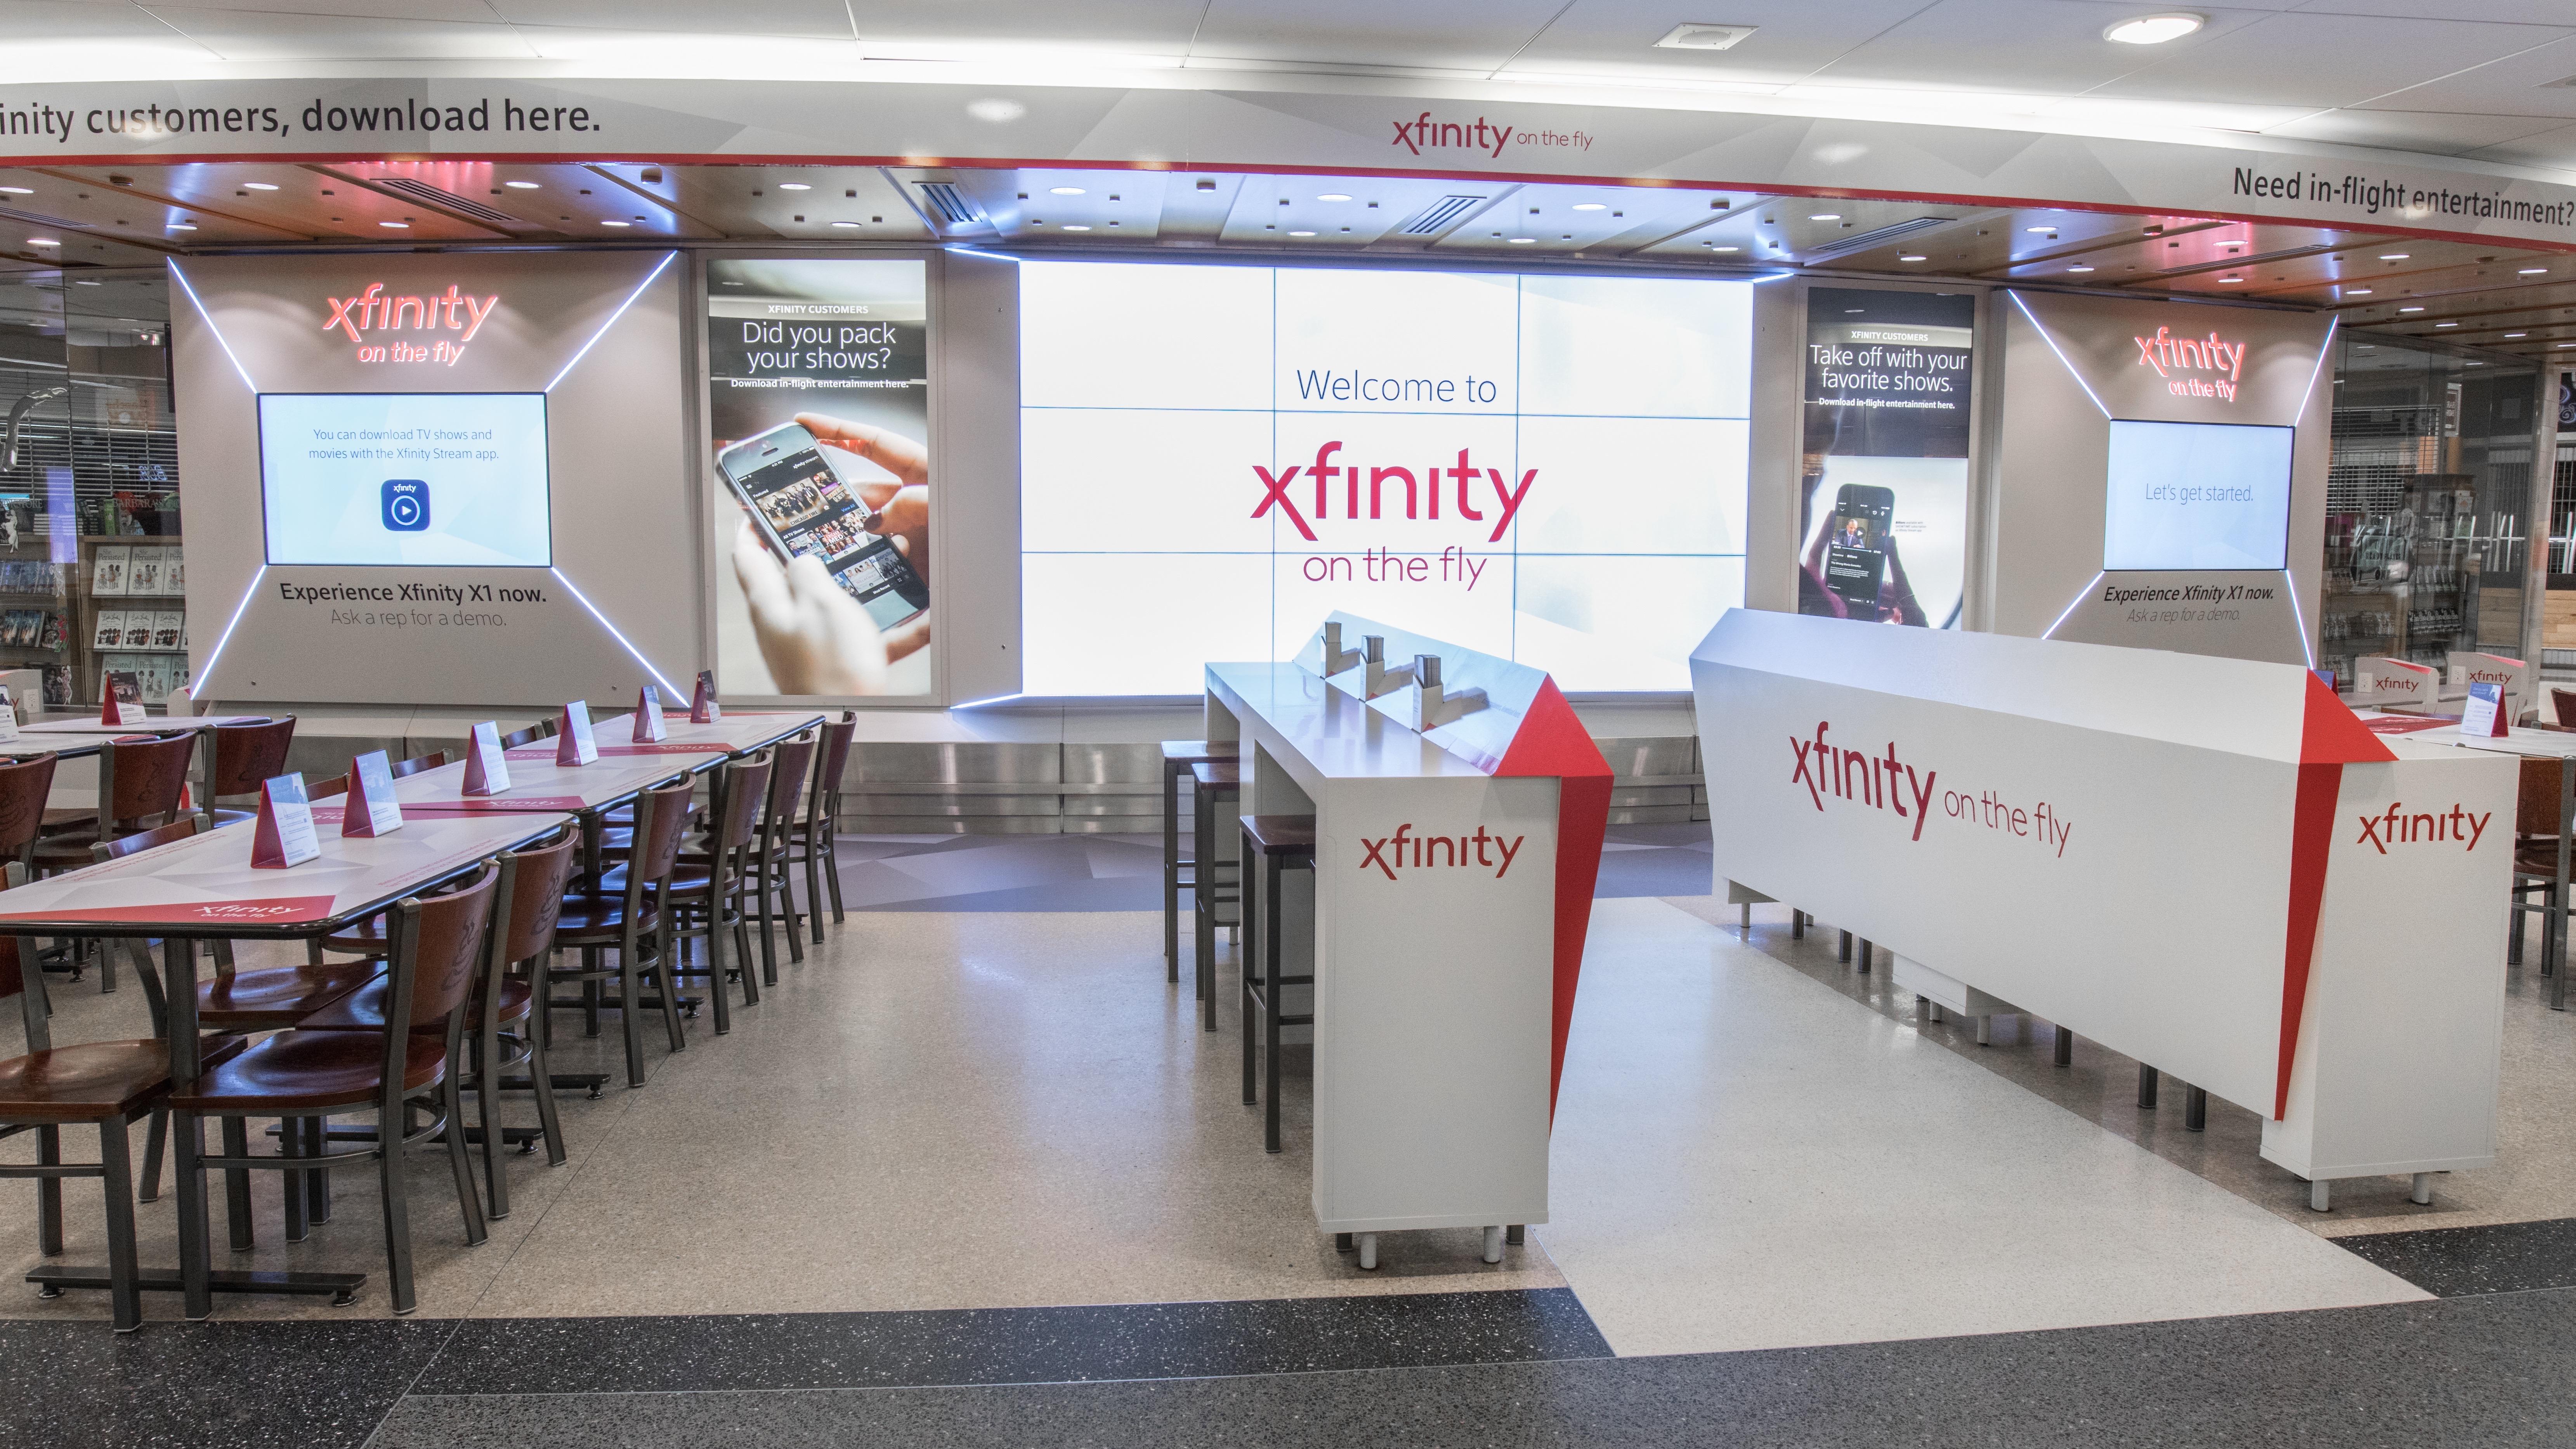 Xfinity 1 Hour Trial